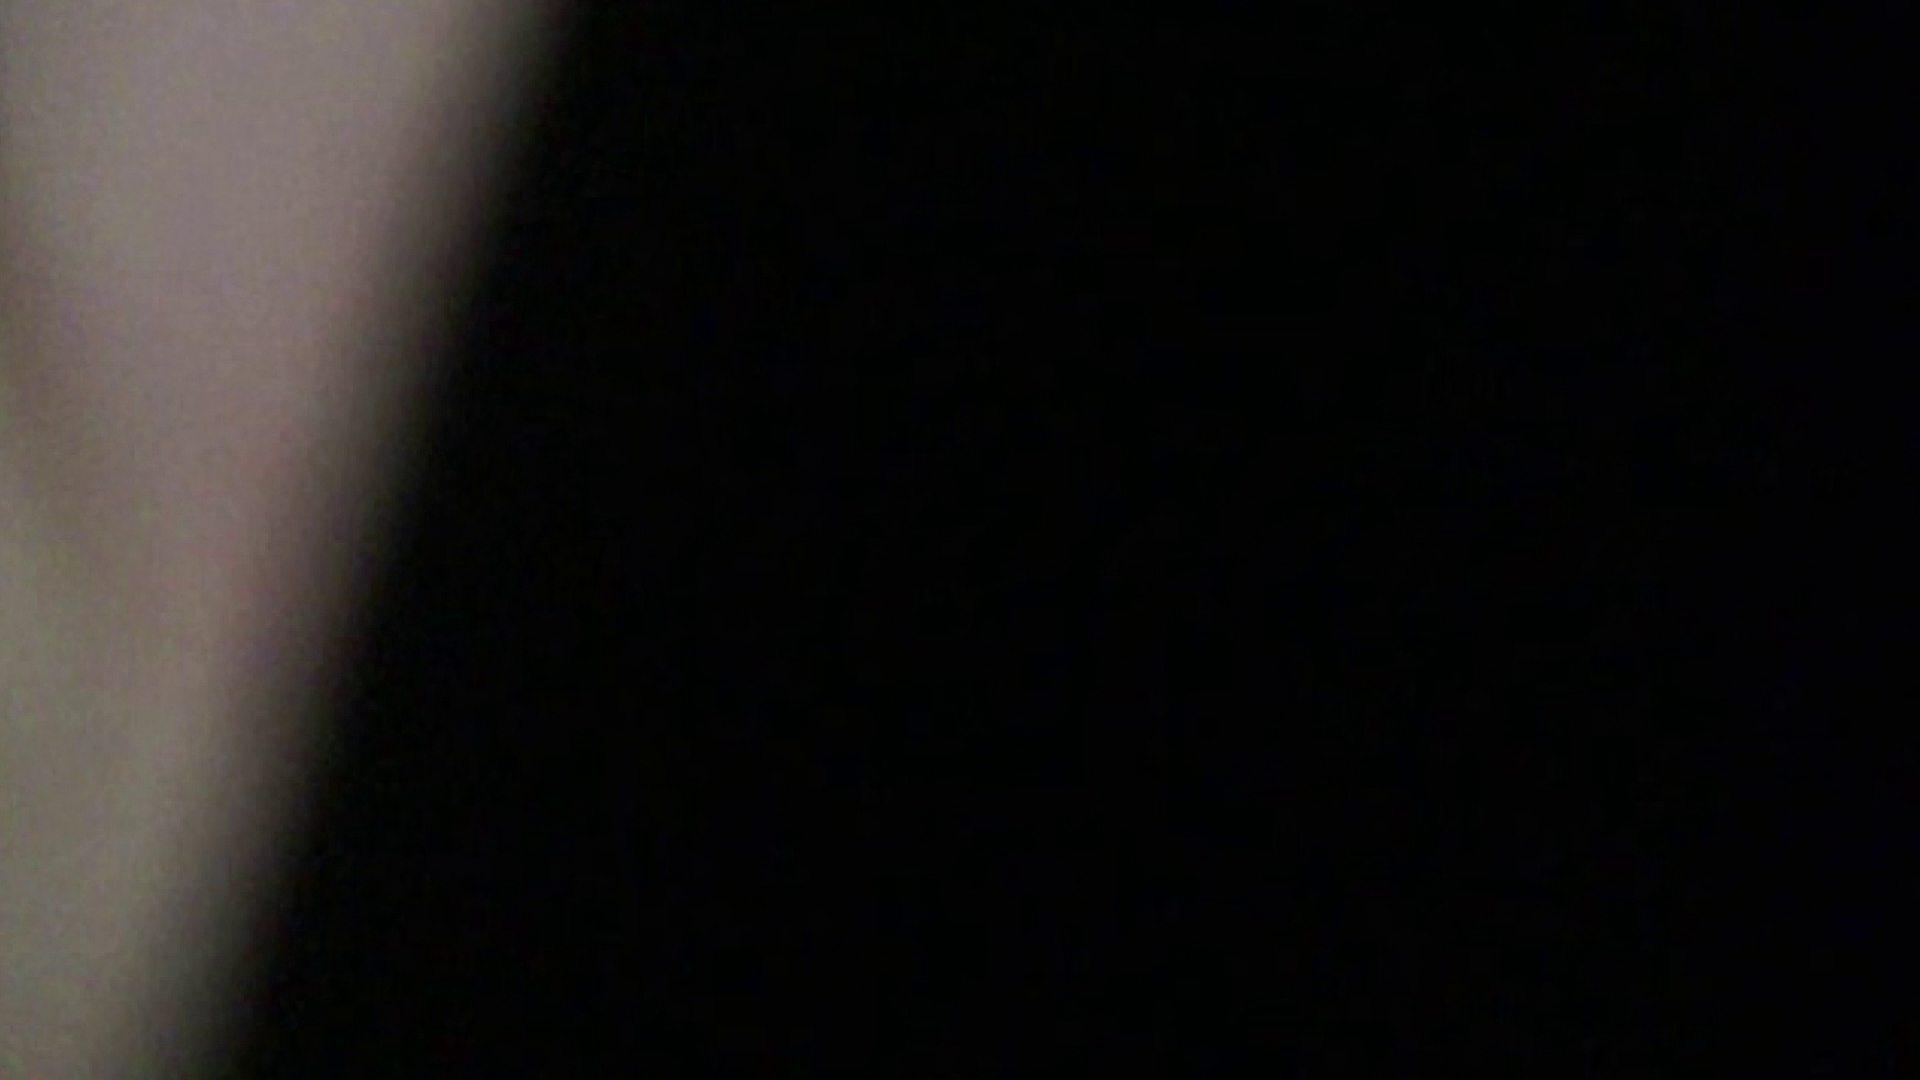 vol.19 [小春ちゃん]黒髪美少女に変身してきて、、、衝動に駆られ。 コスチューム  71PIX 36